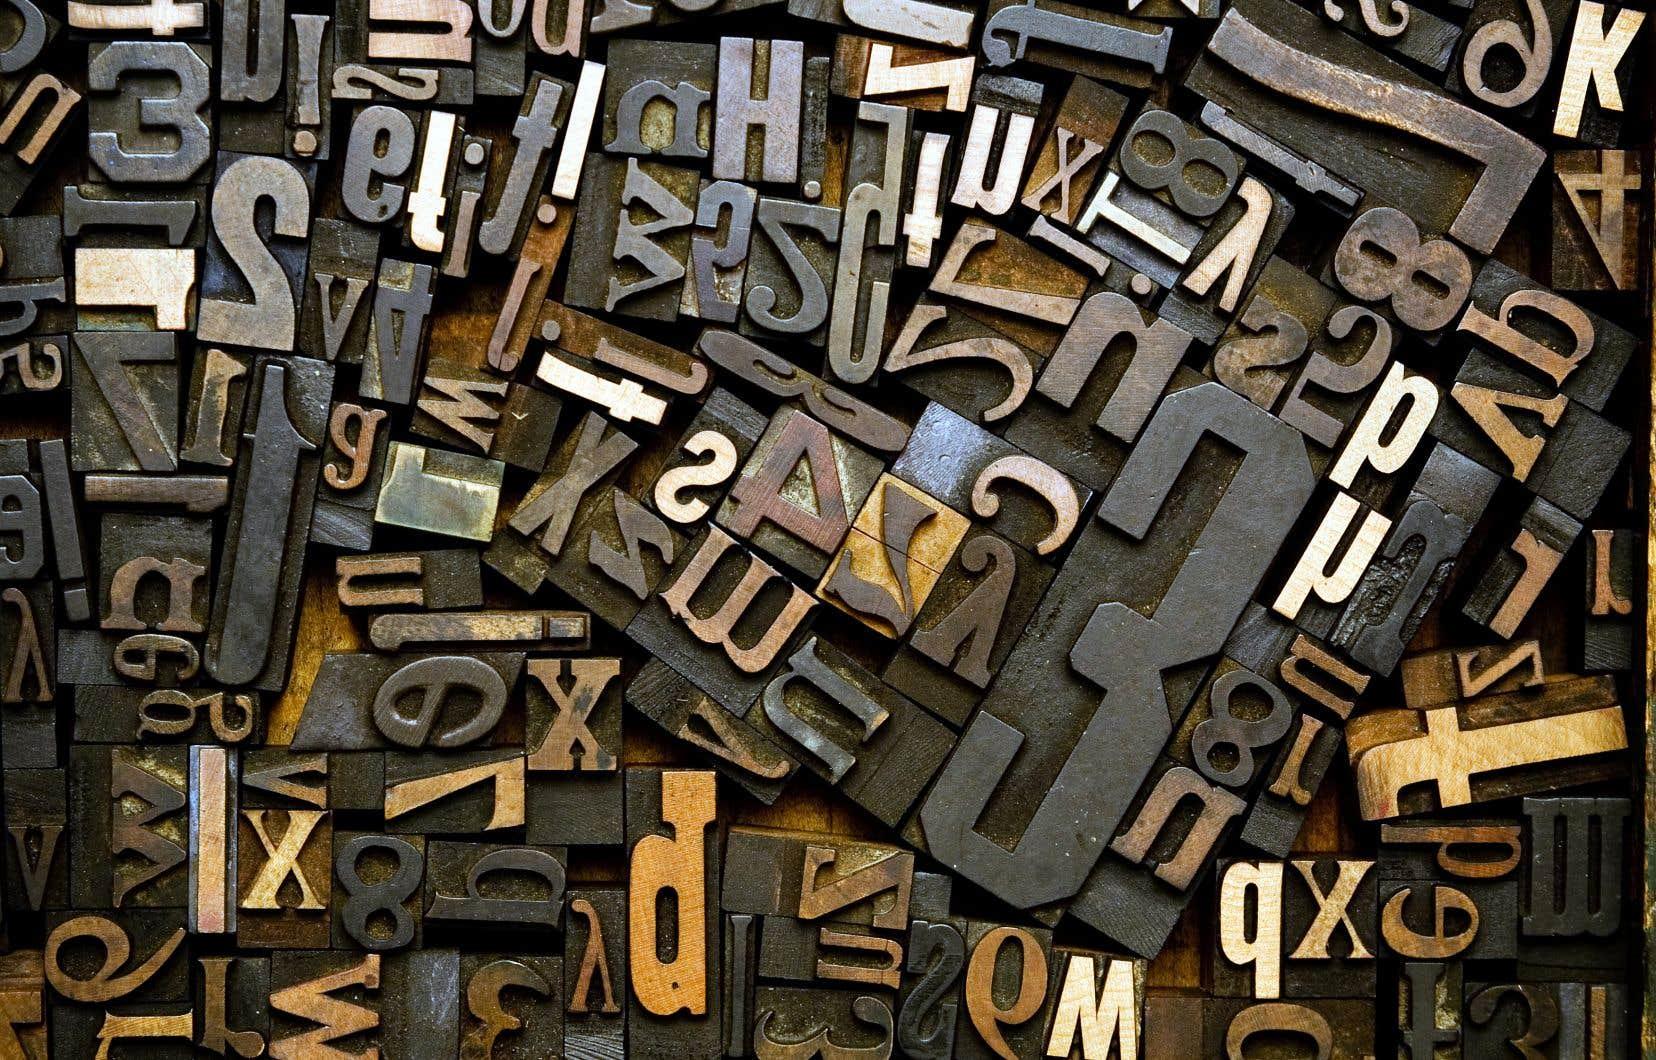 Révolution technologique ou pas, la typographie n'a pas cessé d'être un outil de communication et de distinction.